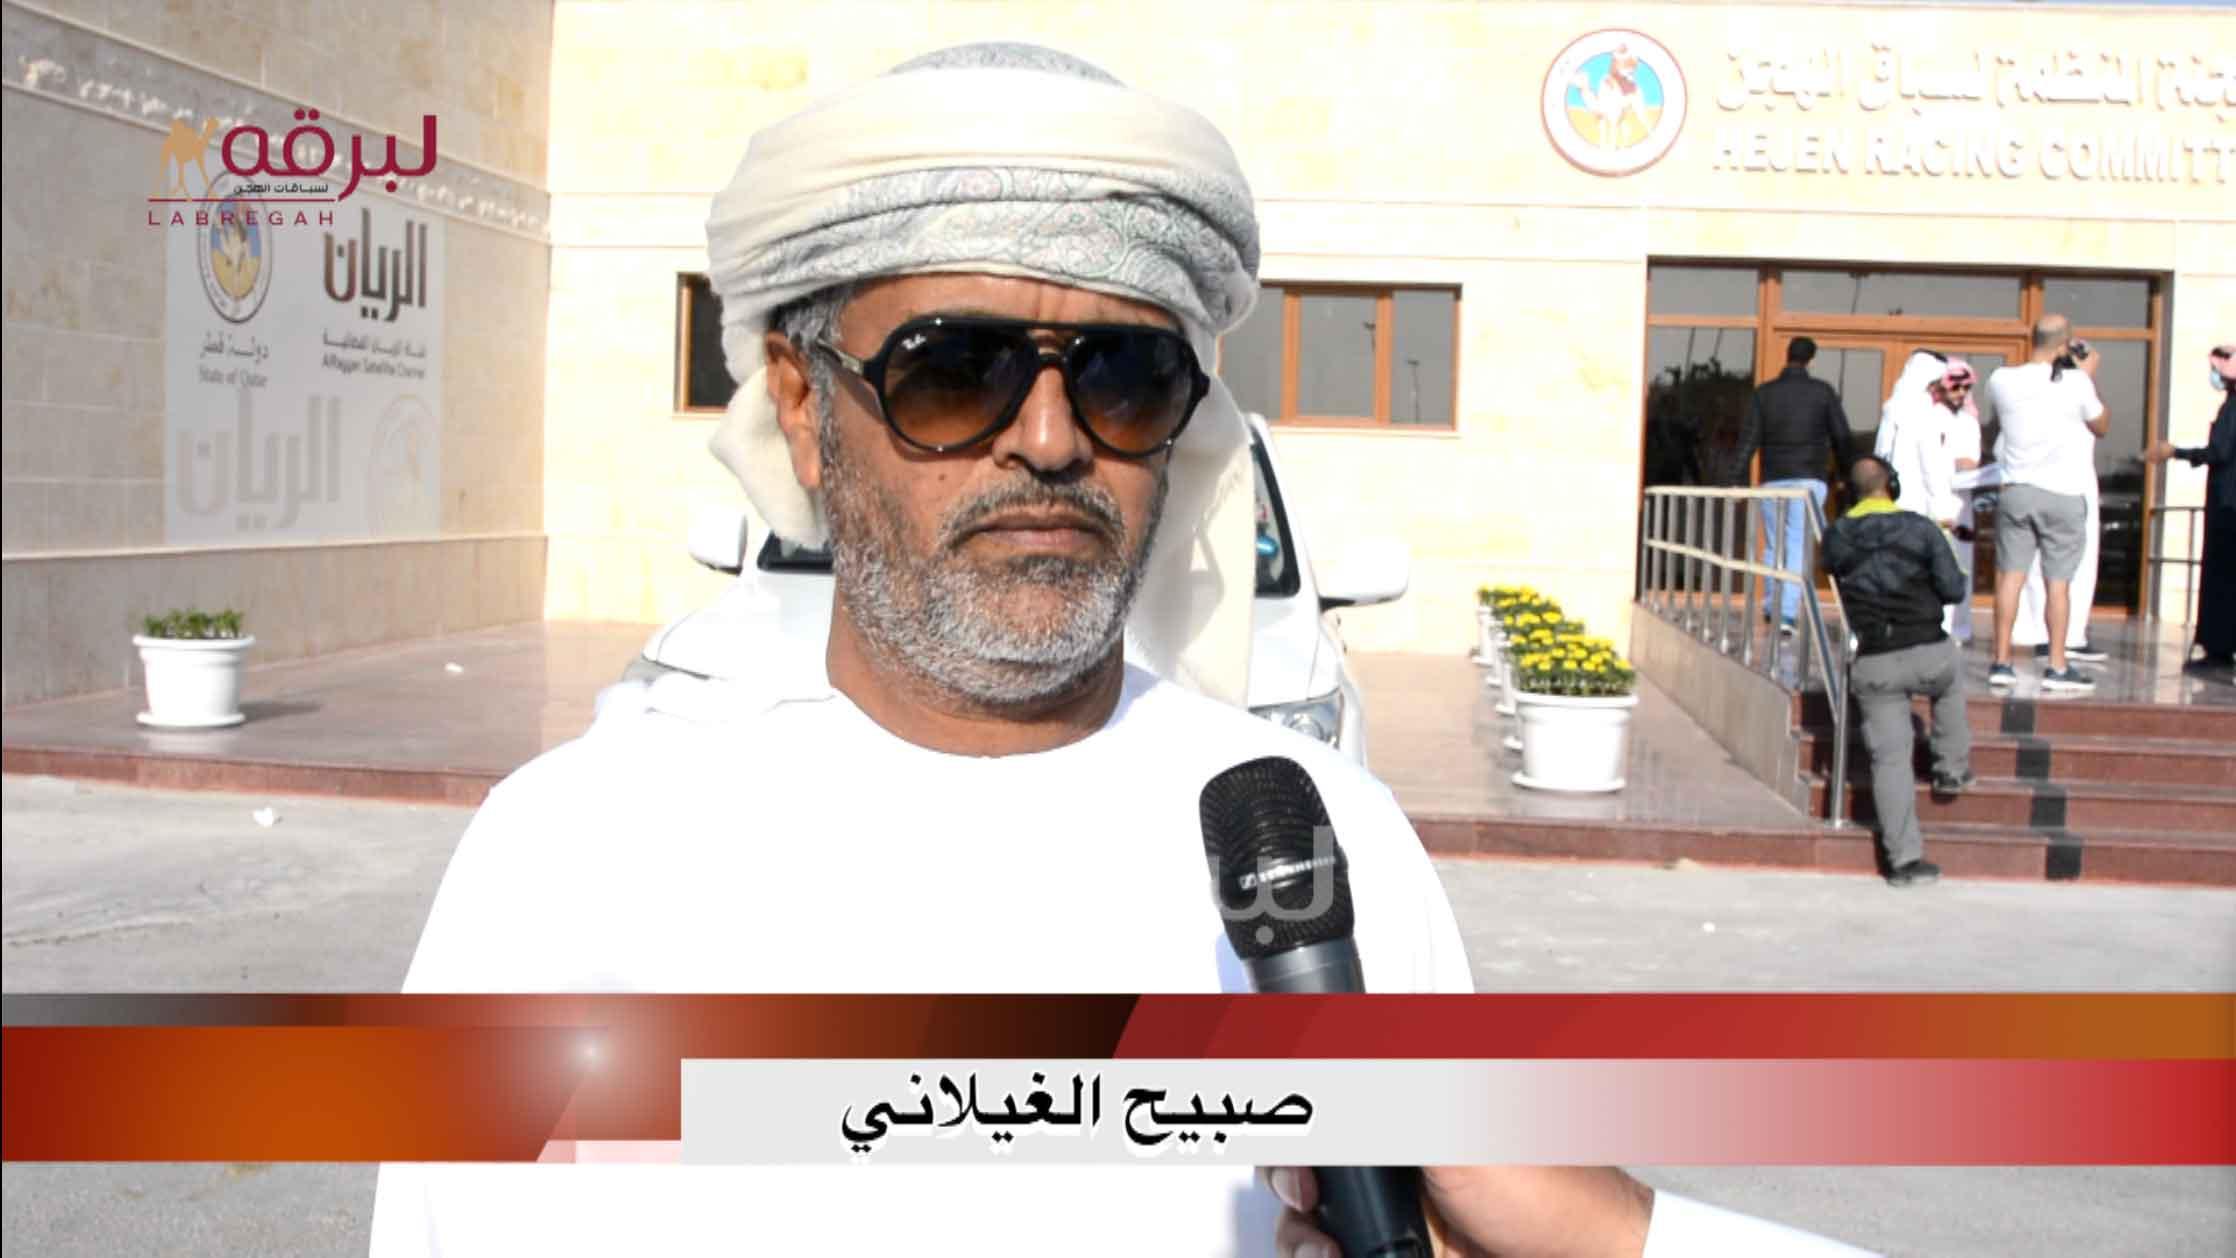 لقاء مع صبيح الغيلاني.. الشلفة الفضية  ثنايا بكار « عمانيات » الأشواط العامة  ٢٣-١-٢٠٢١